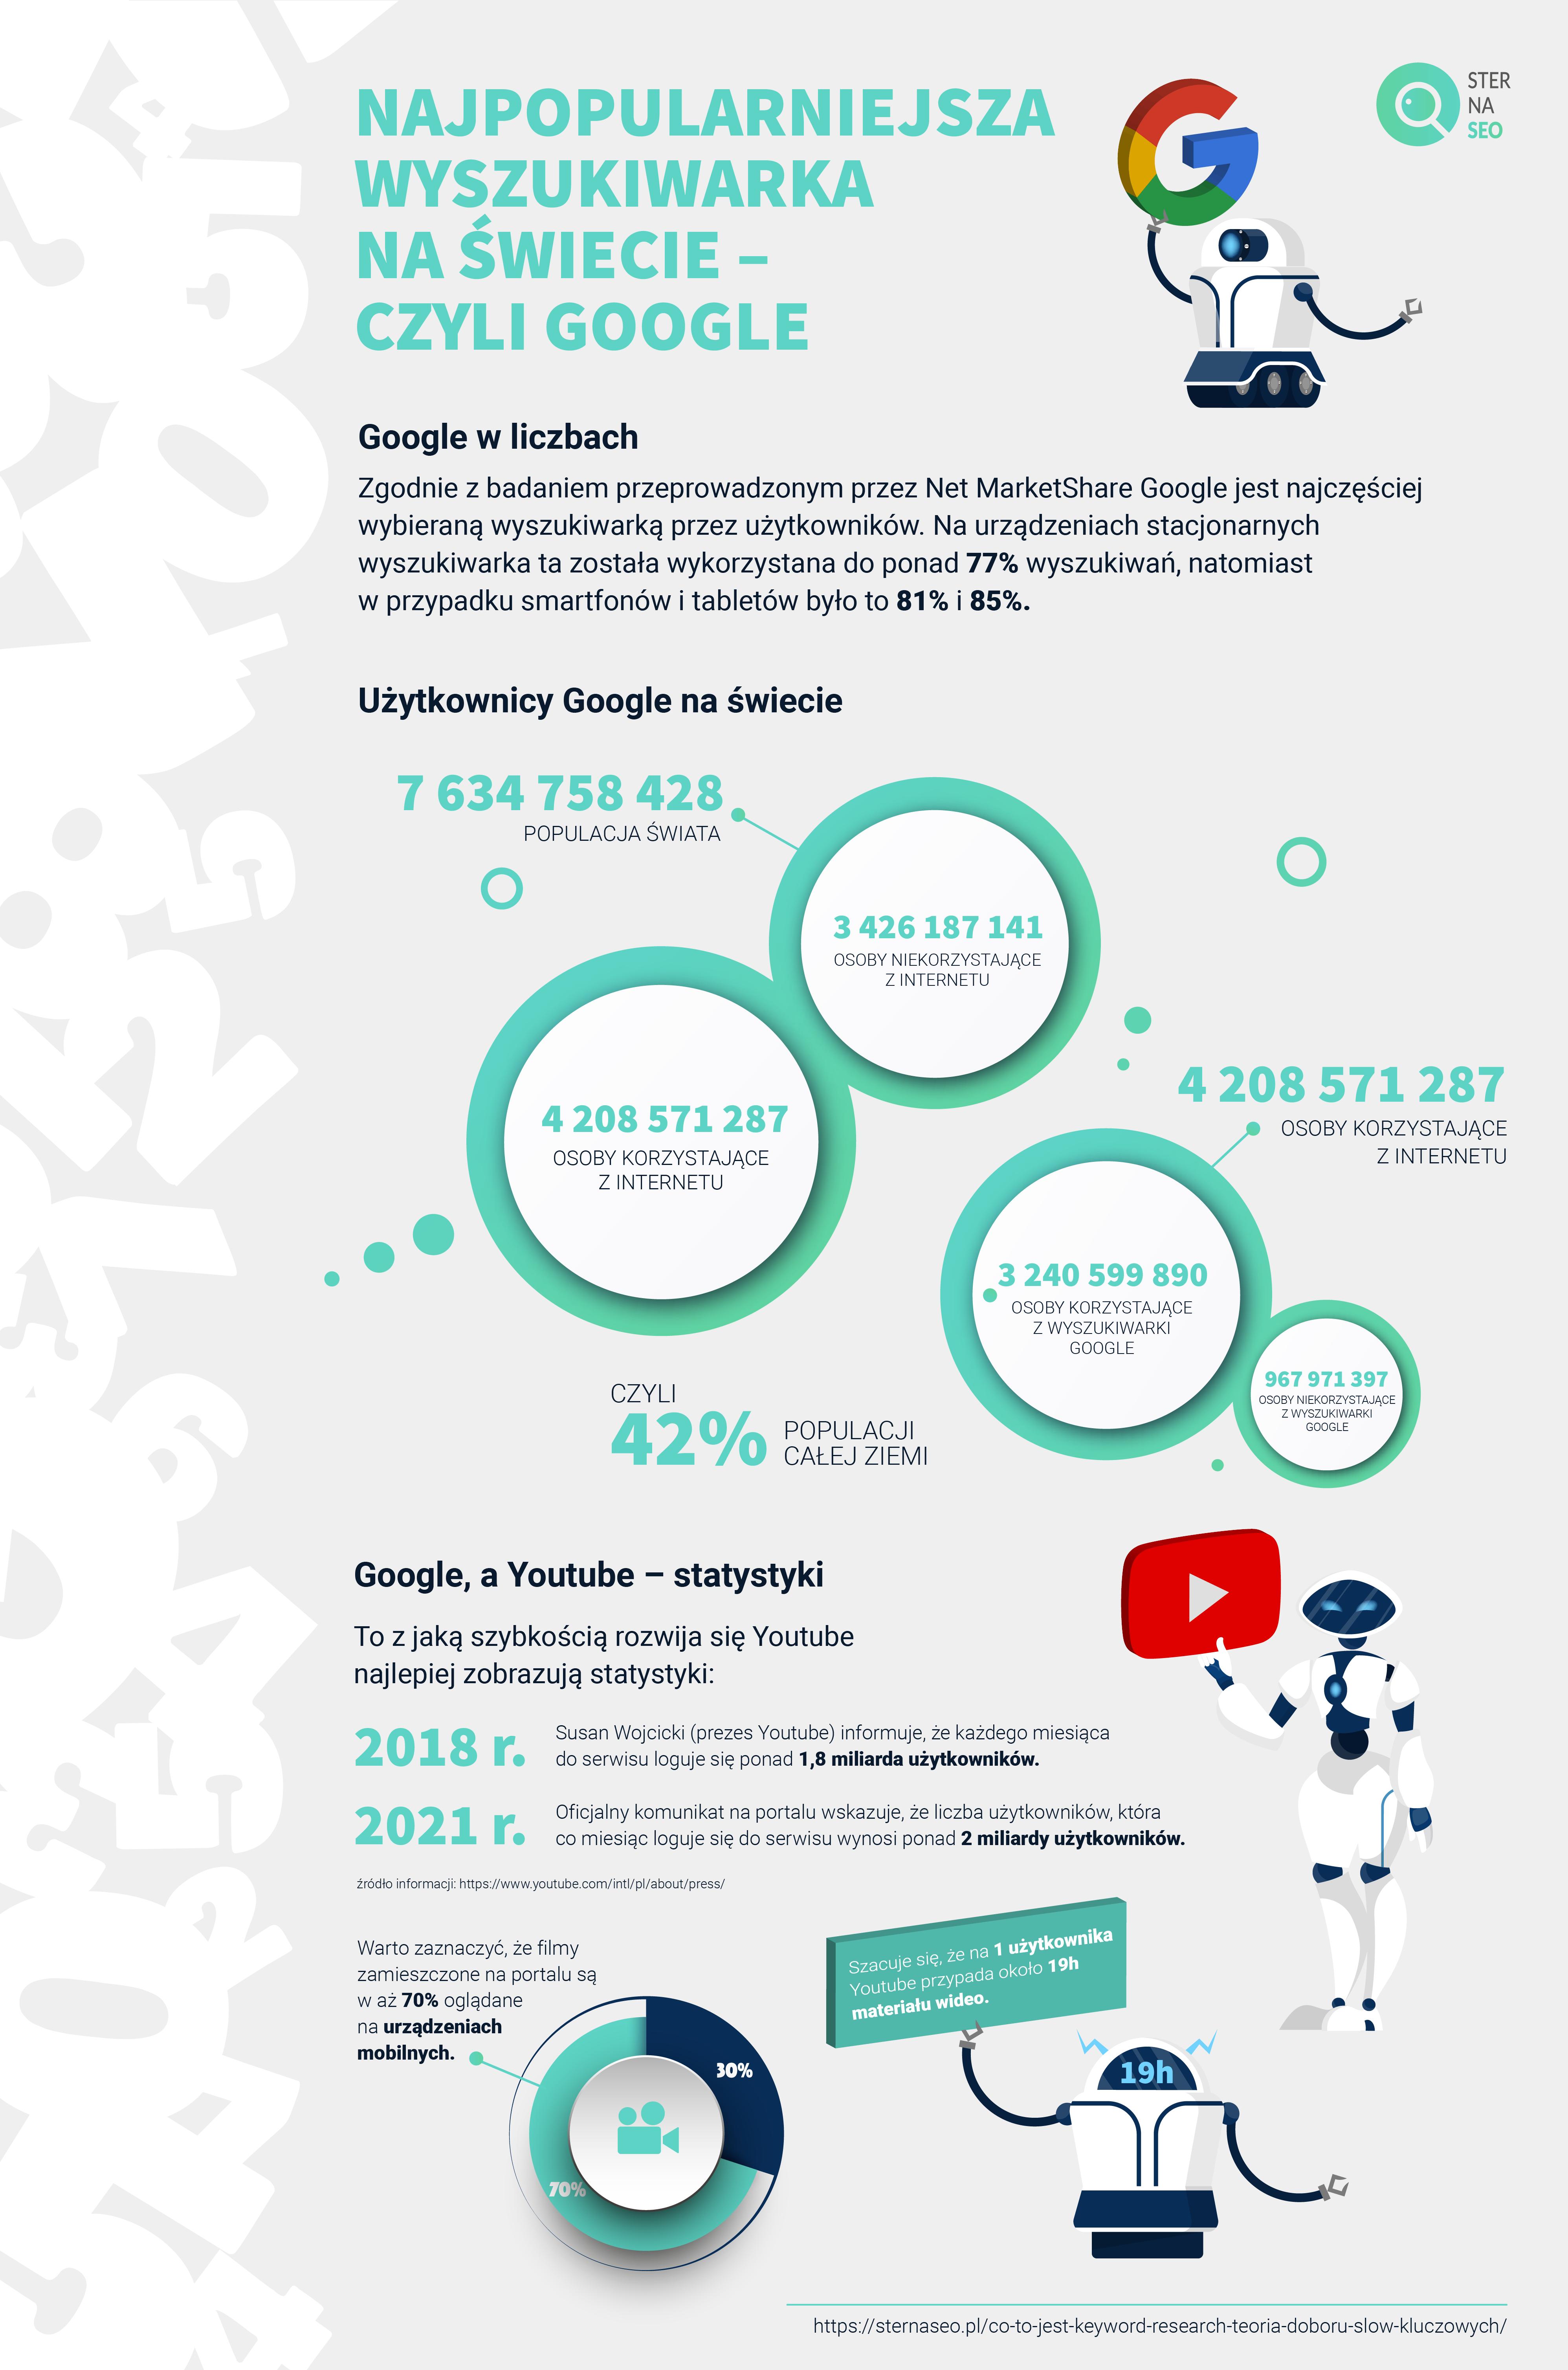 Liczba użytkowników Google a populacja świata